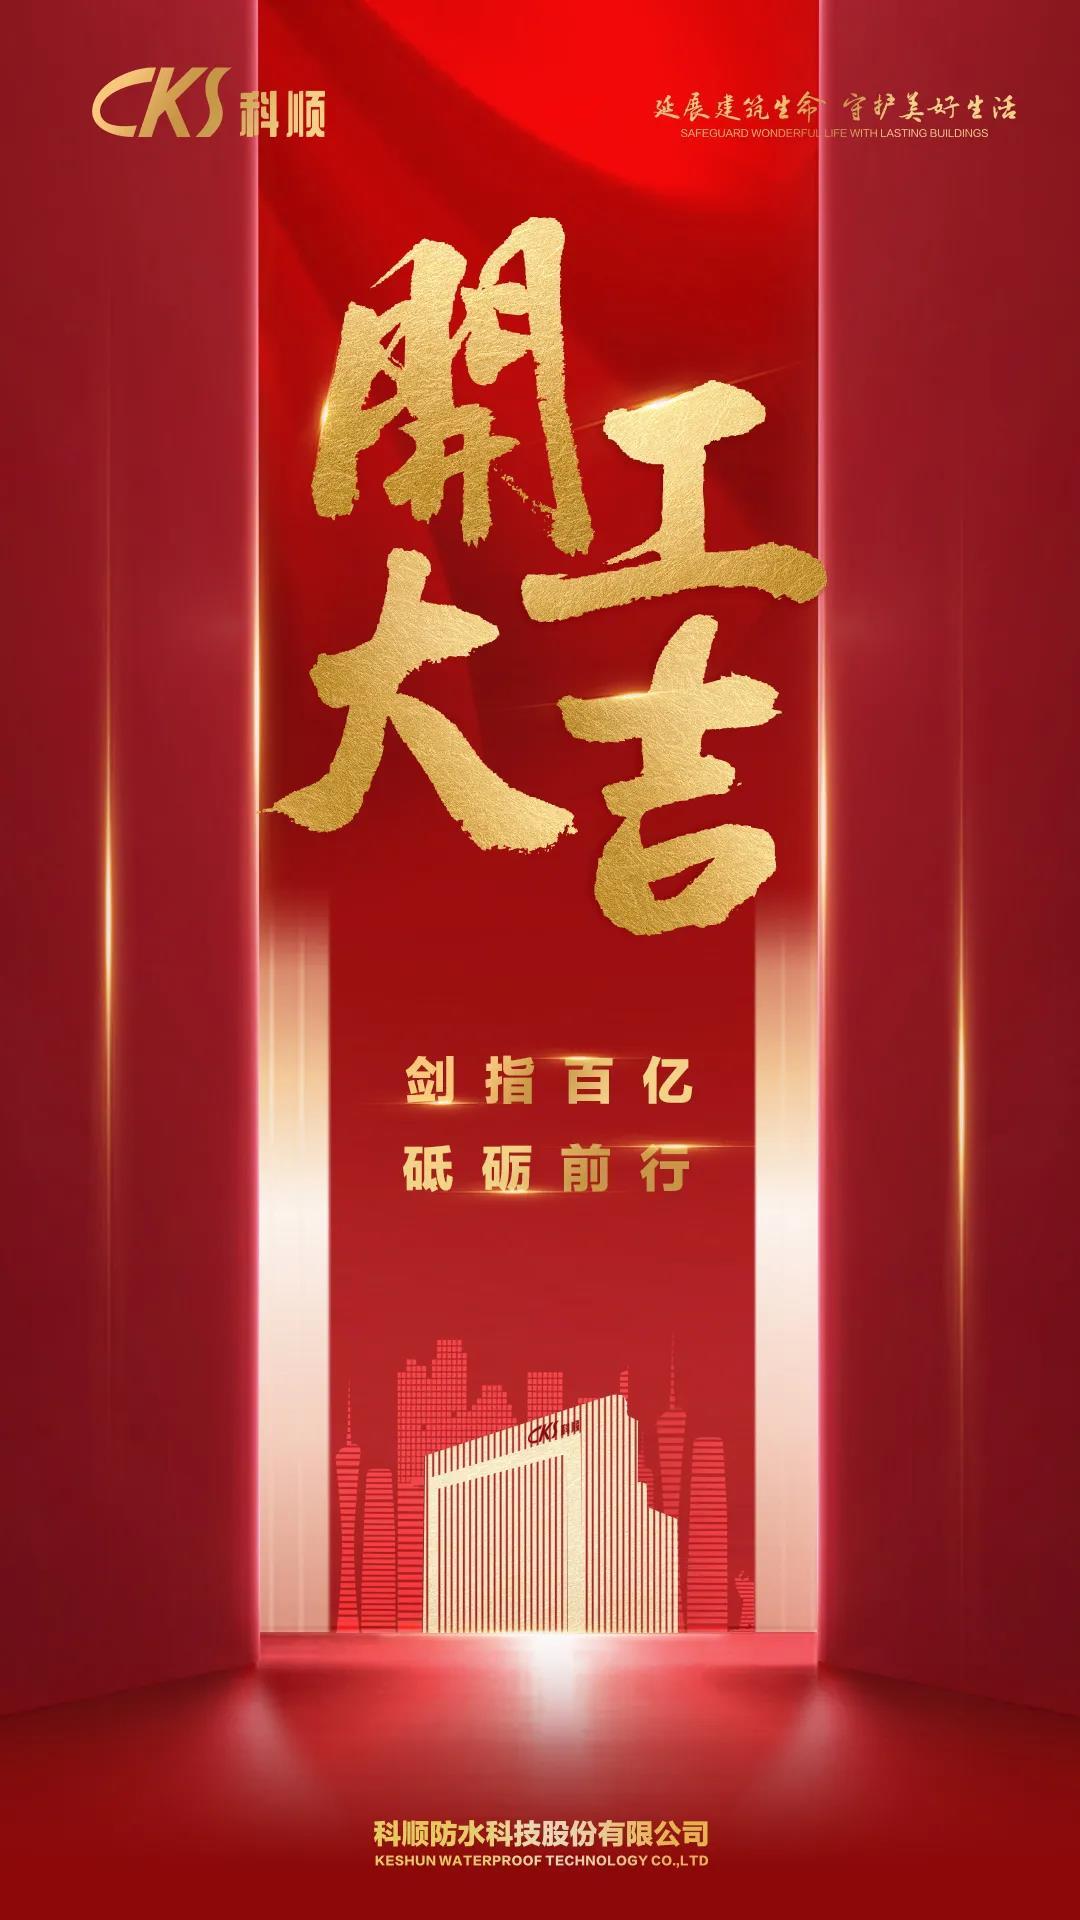 寰俊鍥剧墖_20210220131956.jpg